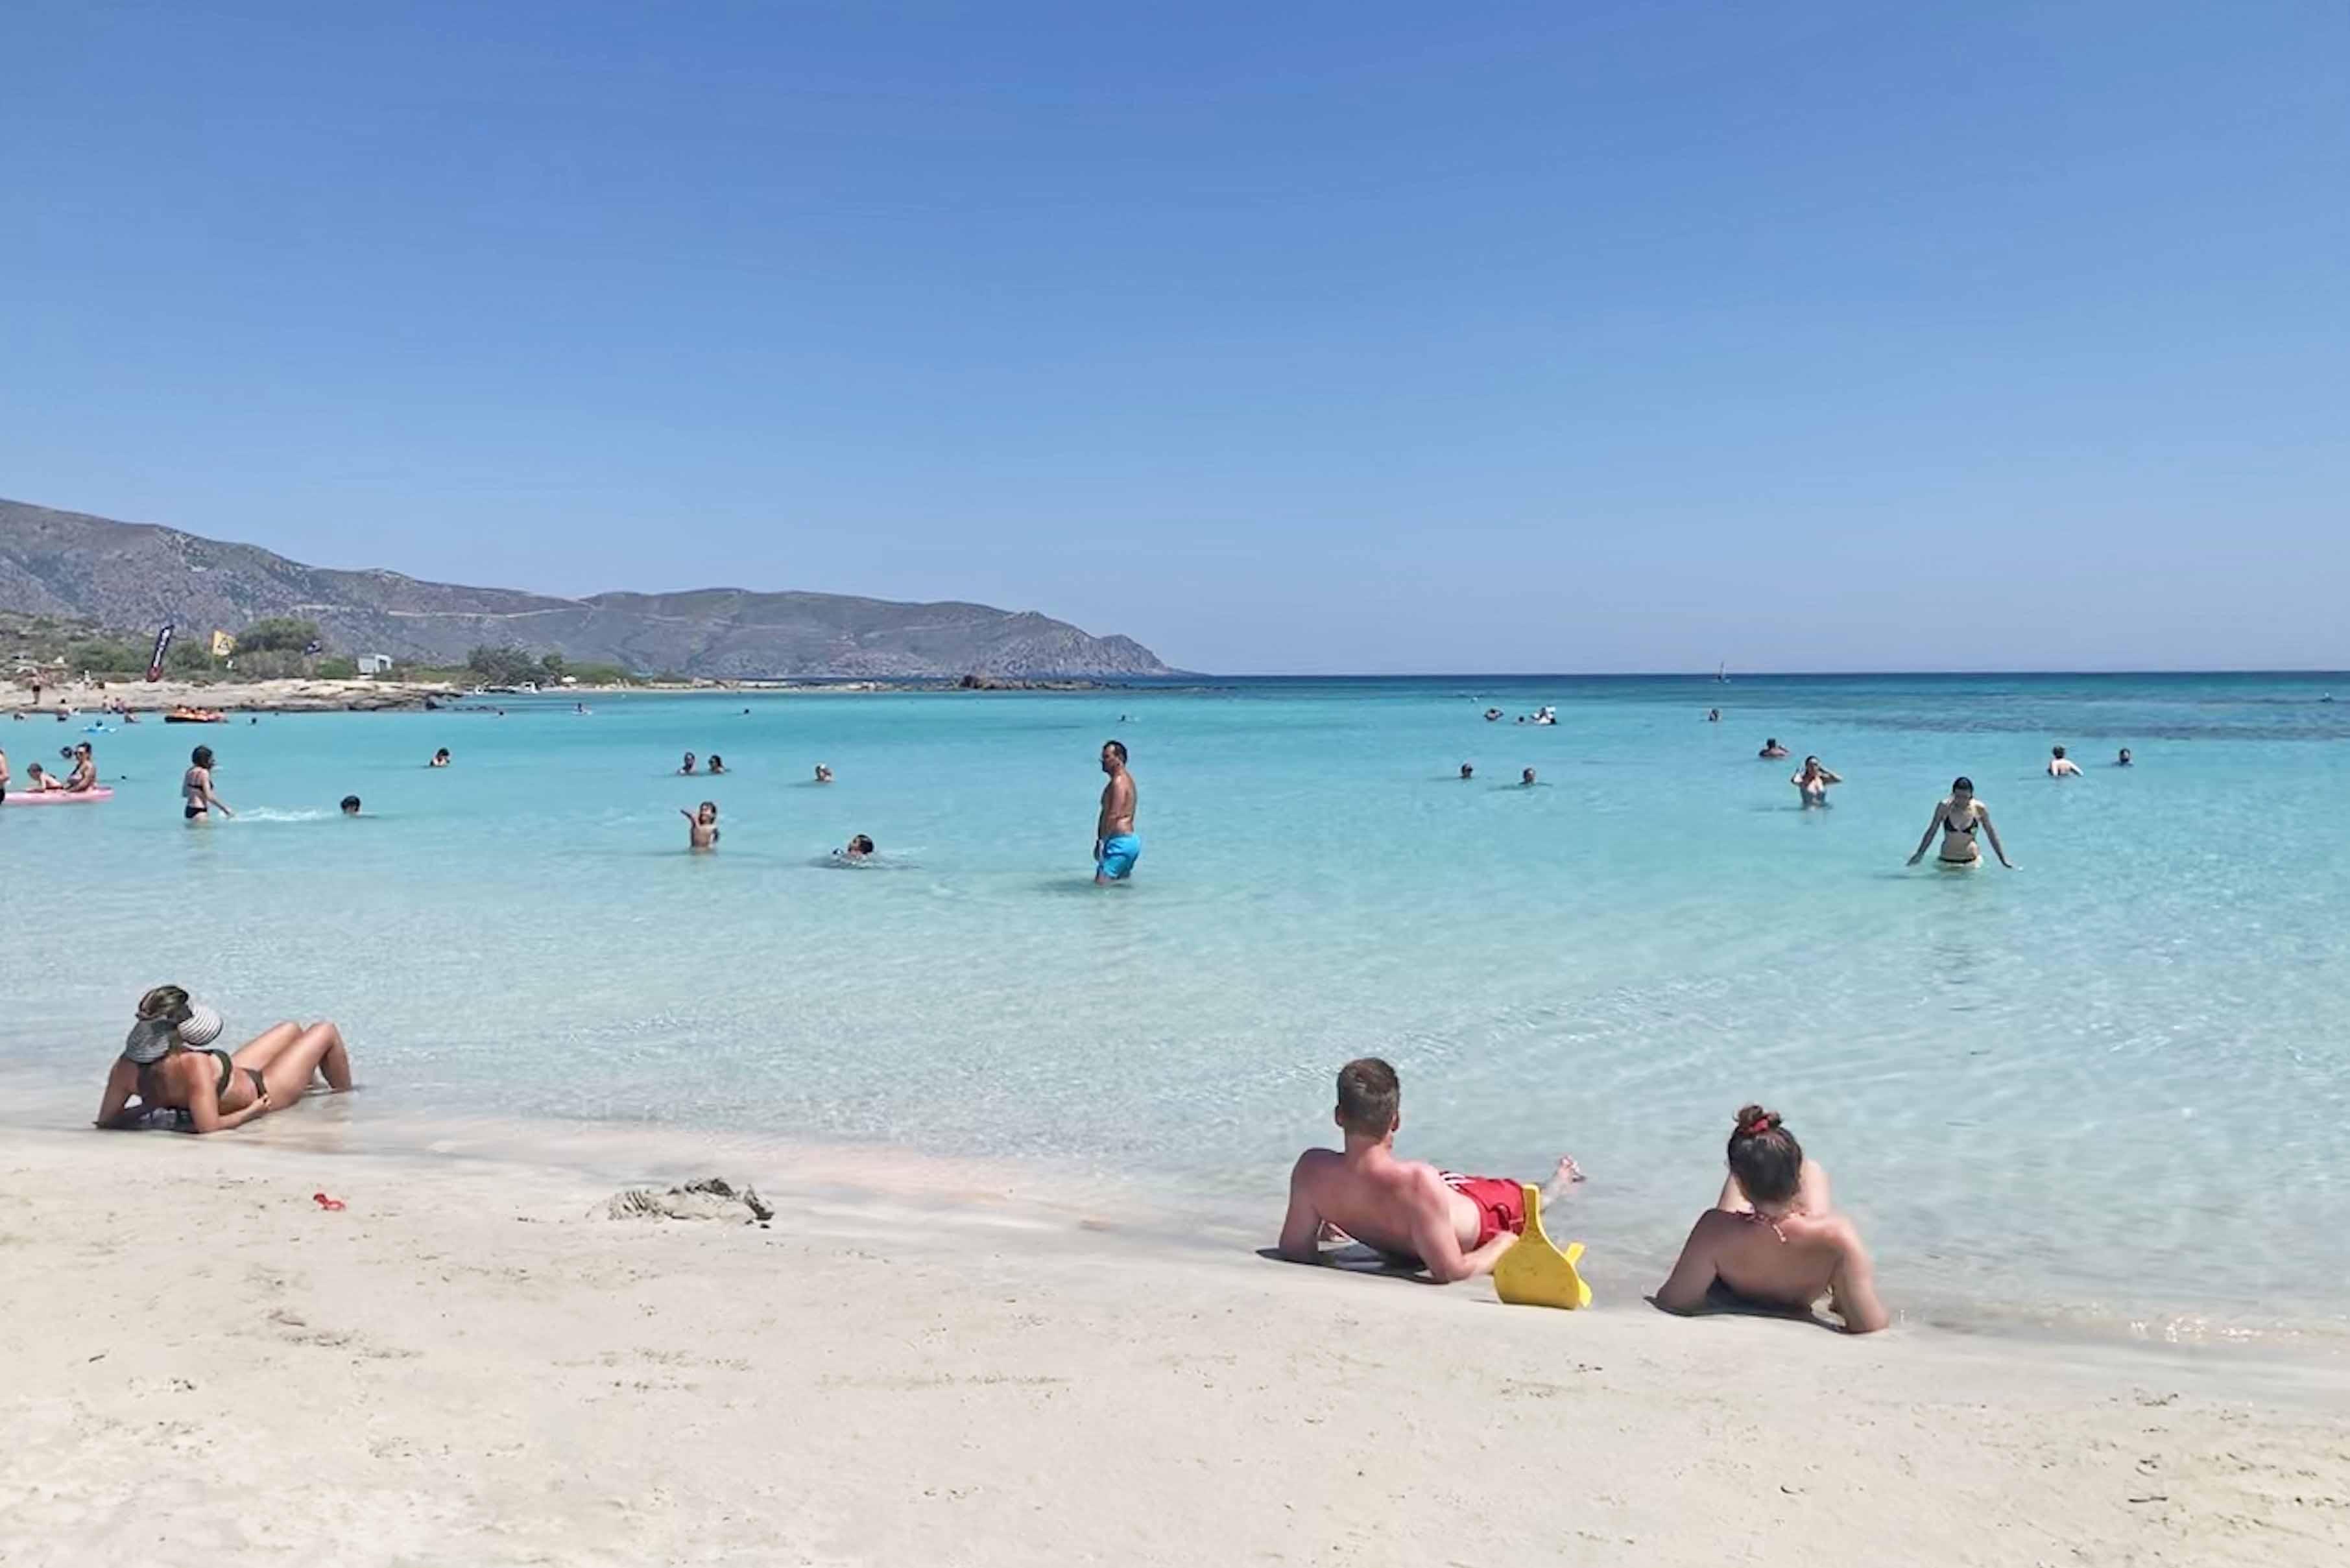 Clima Grécia - Melhor época para ir - Creta